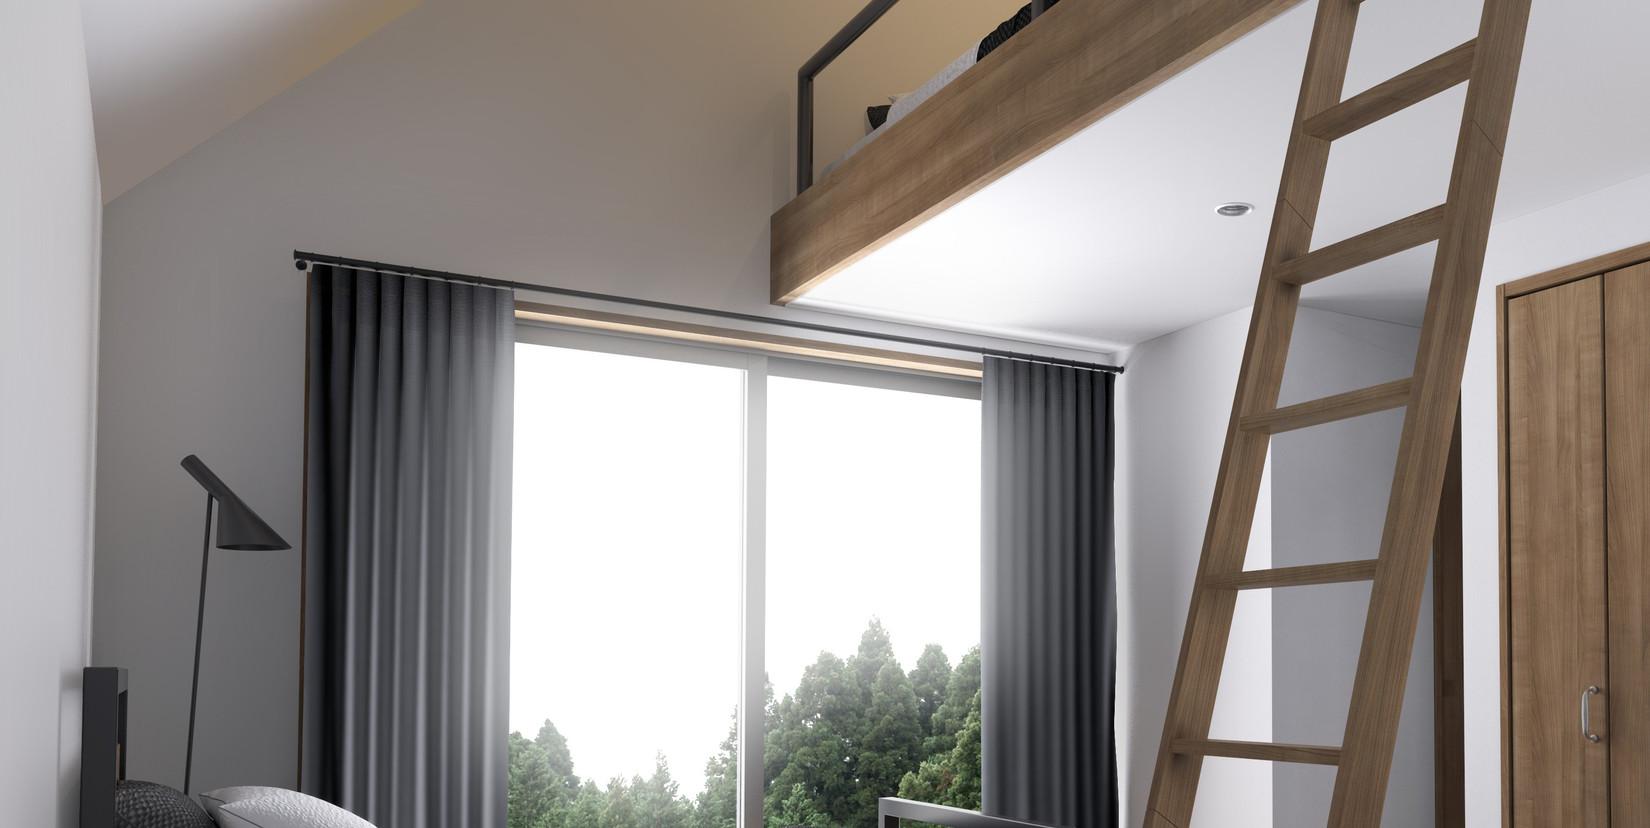 04-NISEKO-INTERIOR-BEDROOM-20210222.jpg